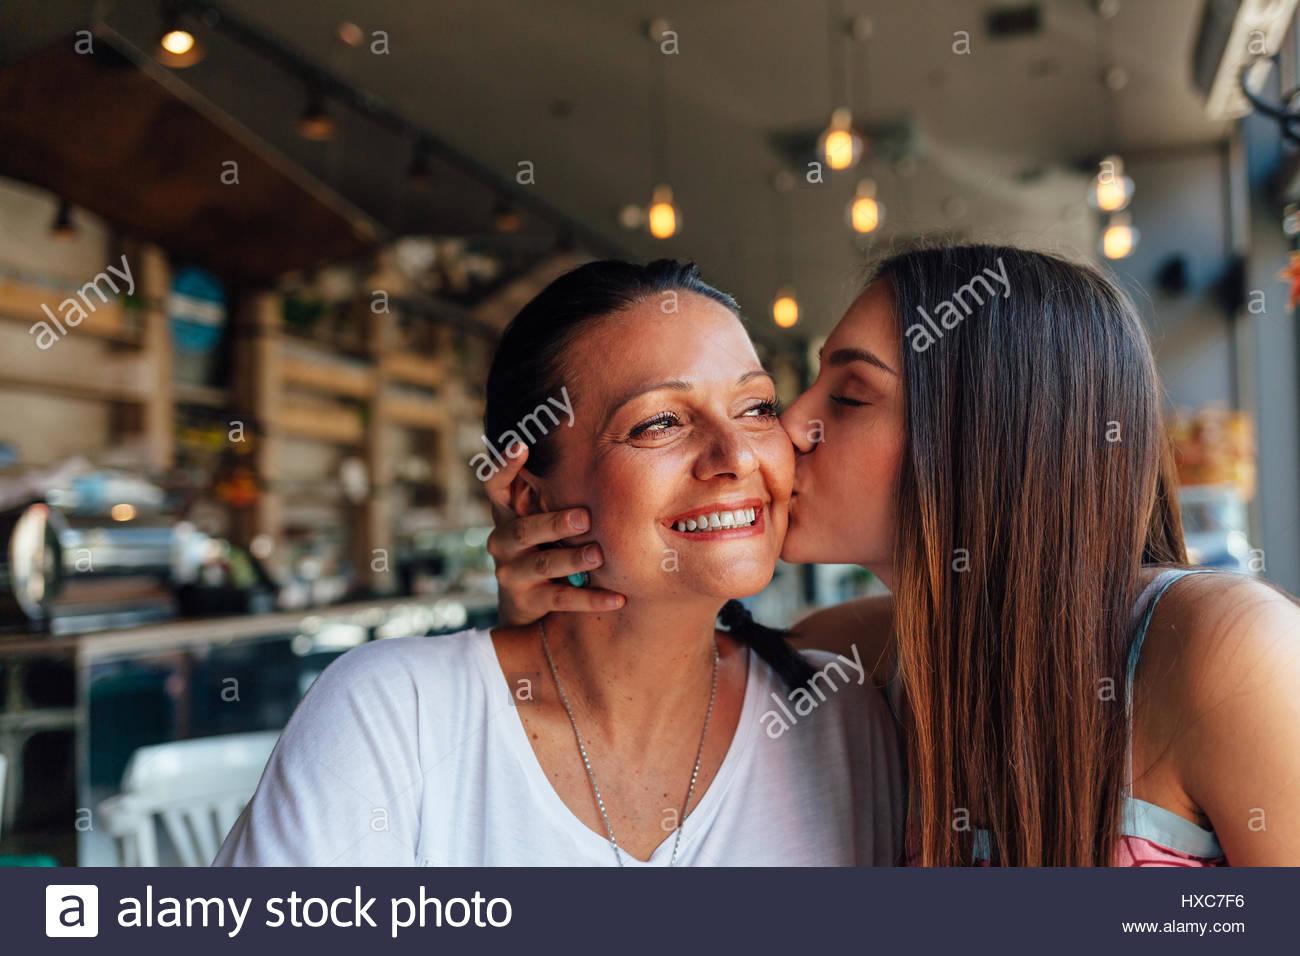 Amour de mère et fille. Heureux les femmes dans un café sympa avec copie espace sur fond flou. De femme Photo Stock